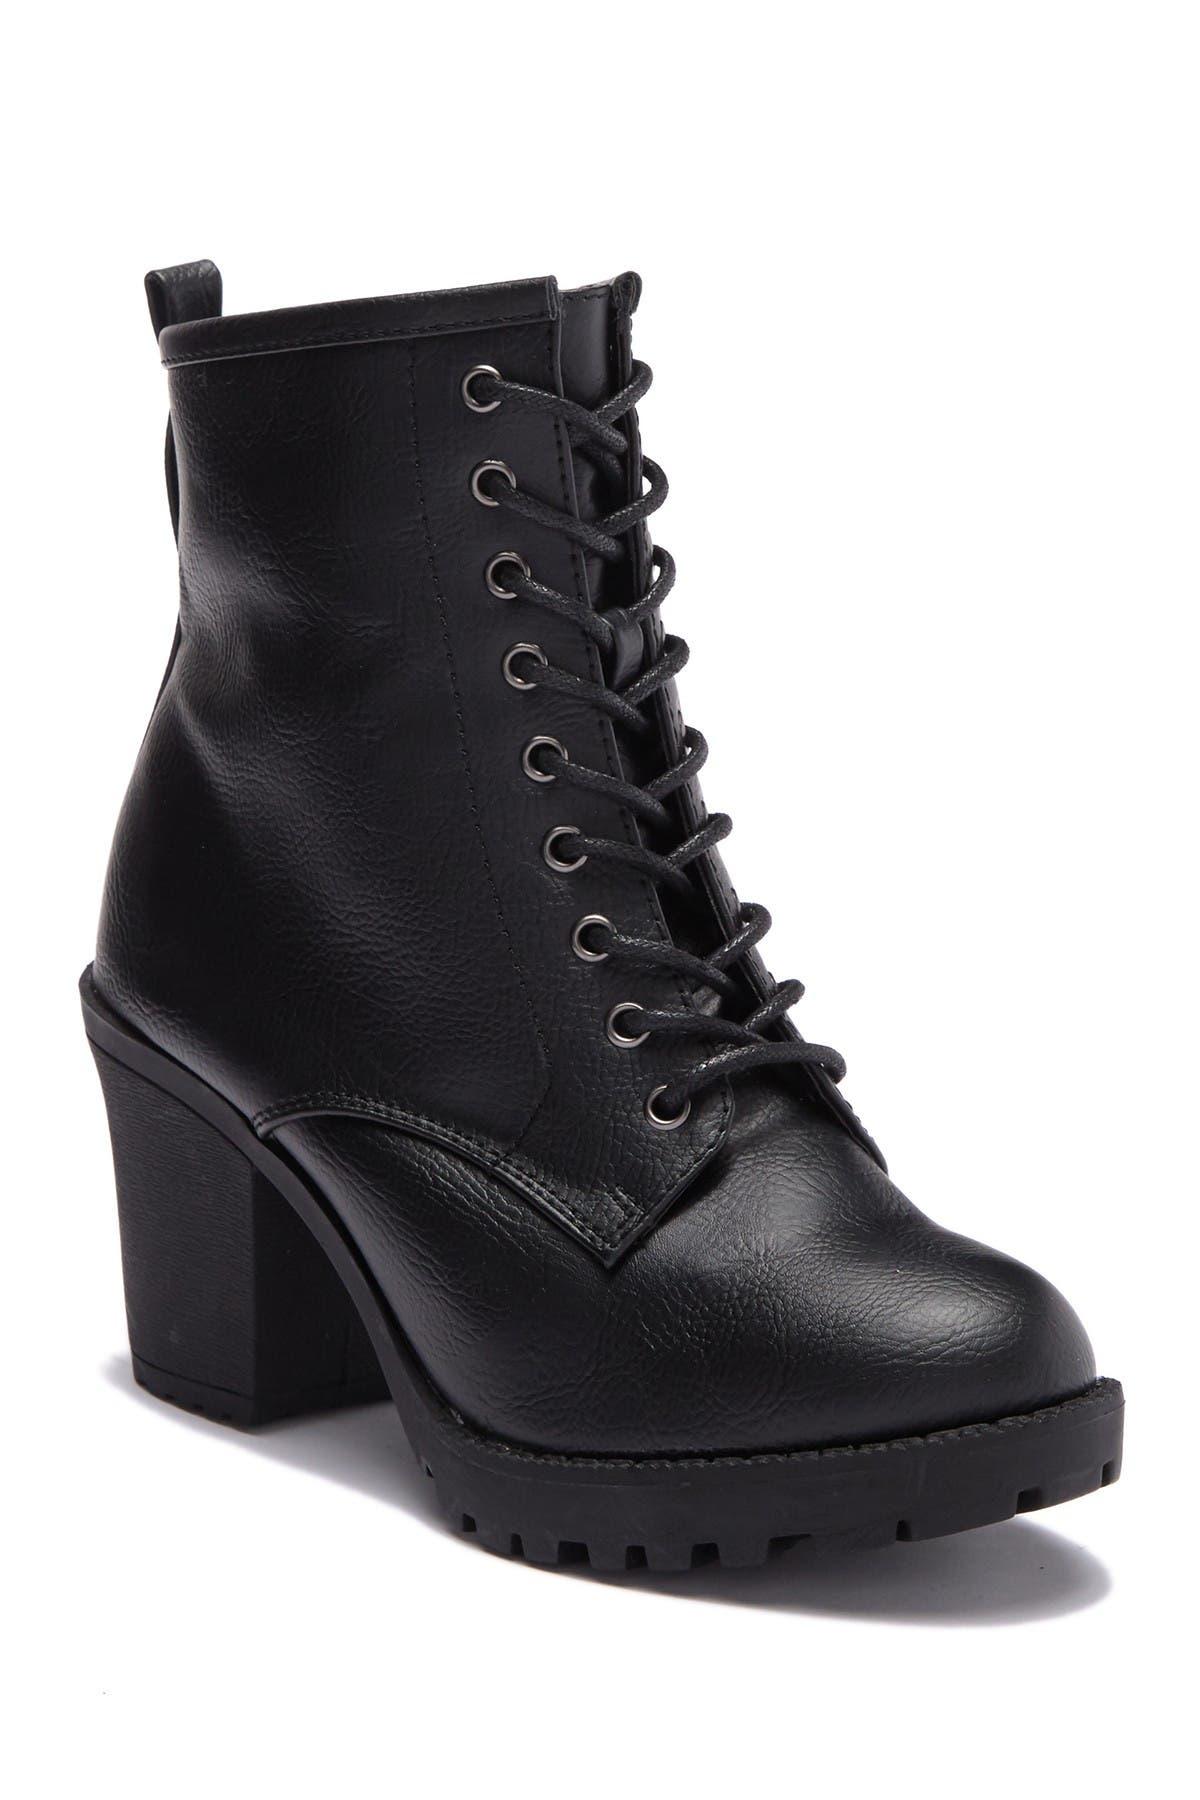 Image of Zigi Soho Kourtlan Lace Up Ankle Boot